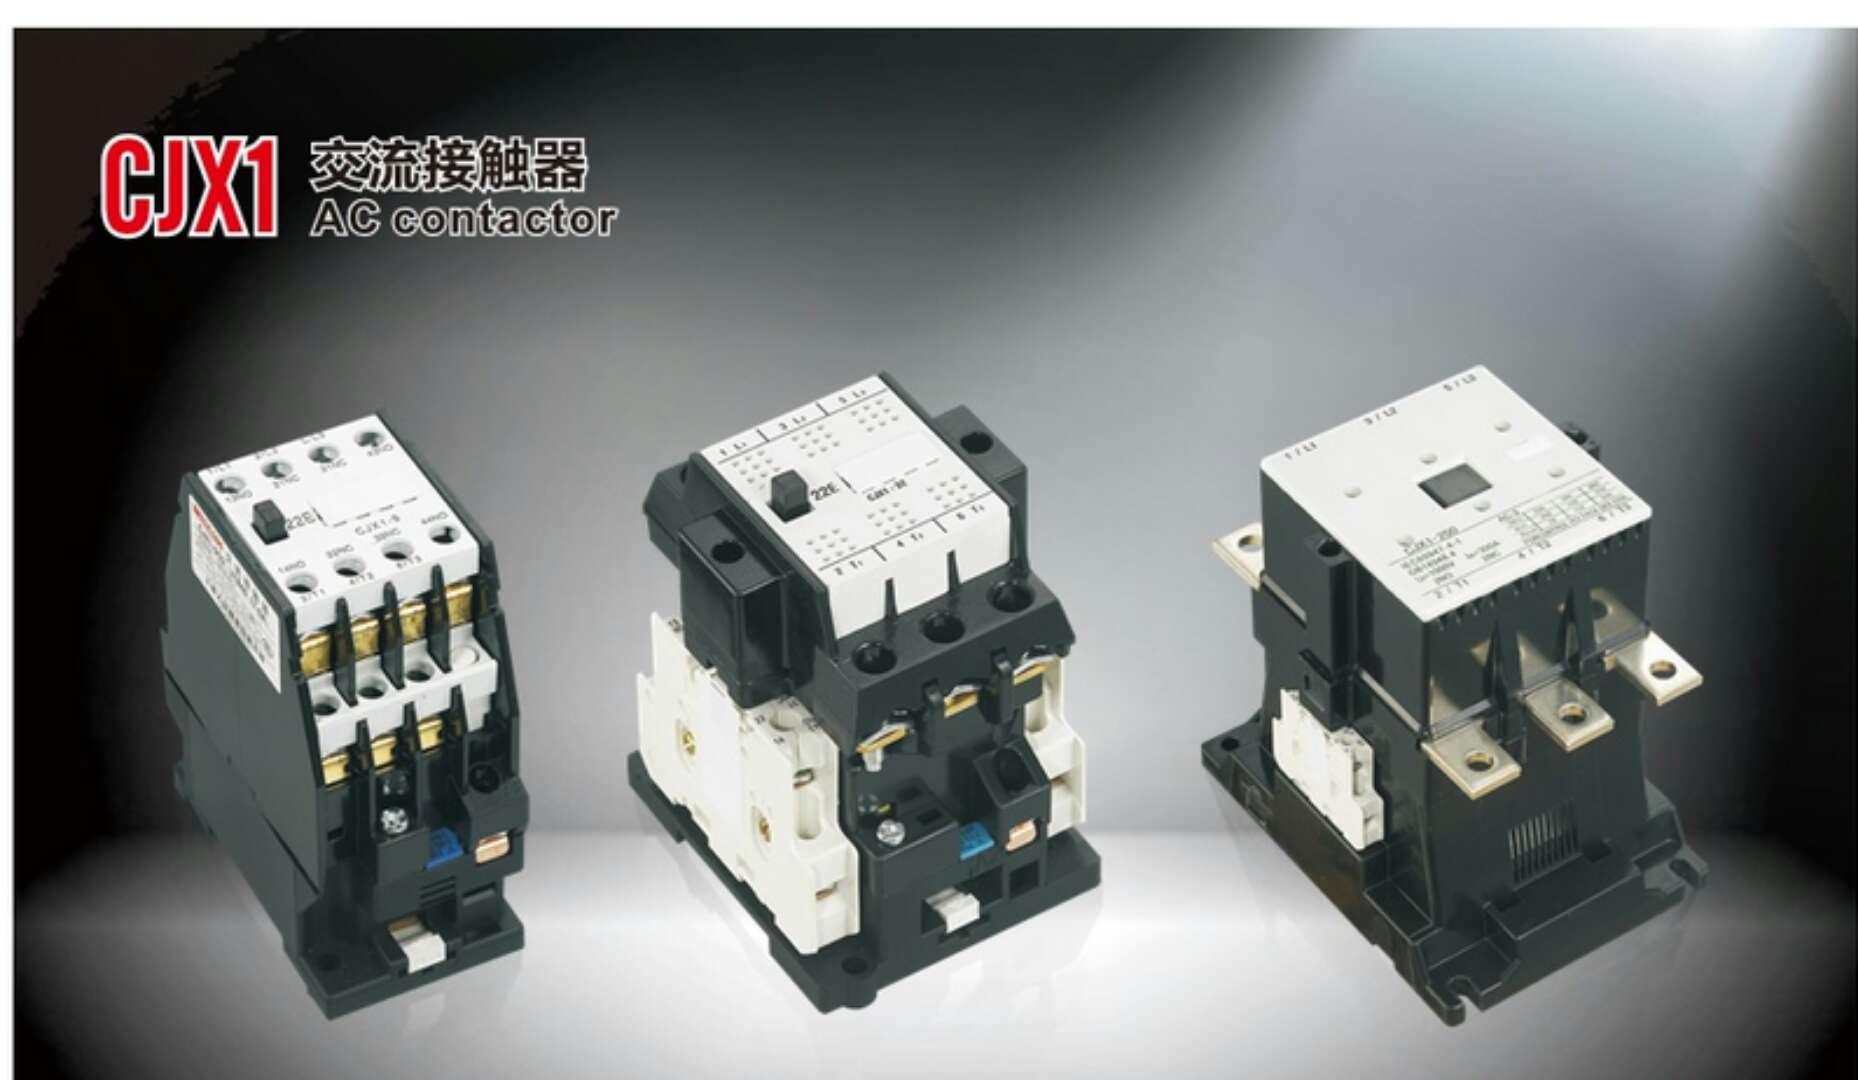 CJX1接触器 CJX1-32 22 交流接触器的使用寿命和安装方法